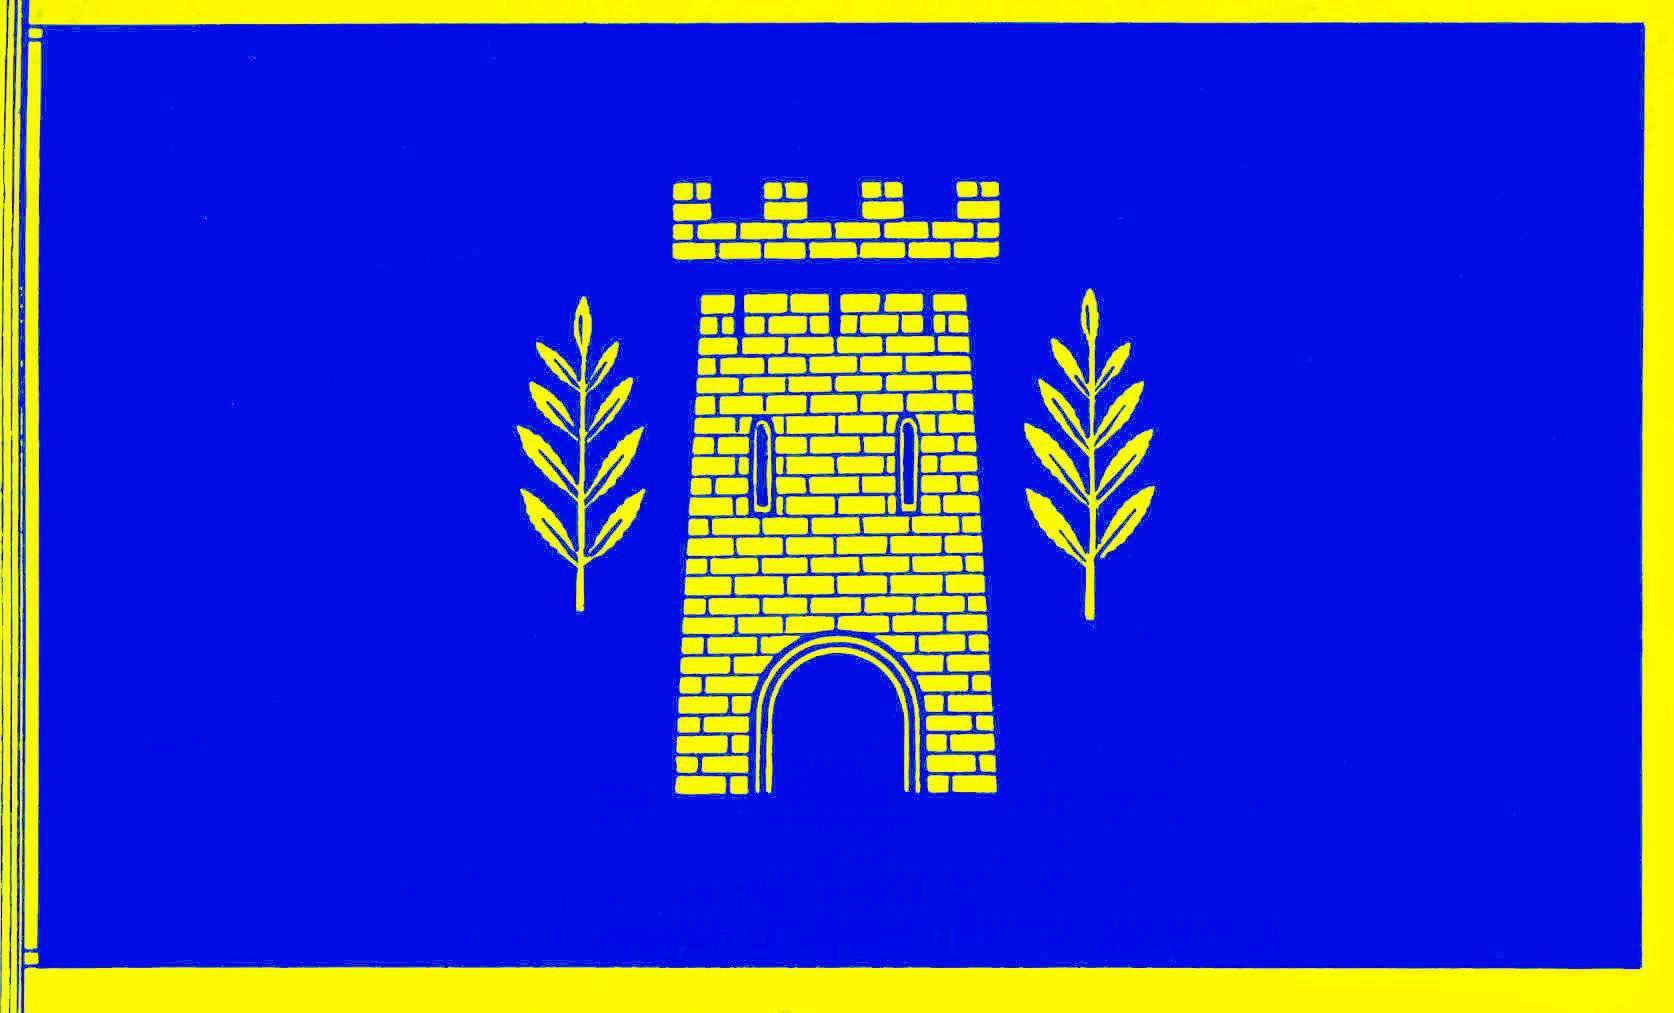 Flagge StadtTornesch, Kreis Pinneberg